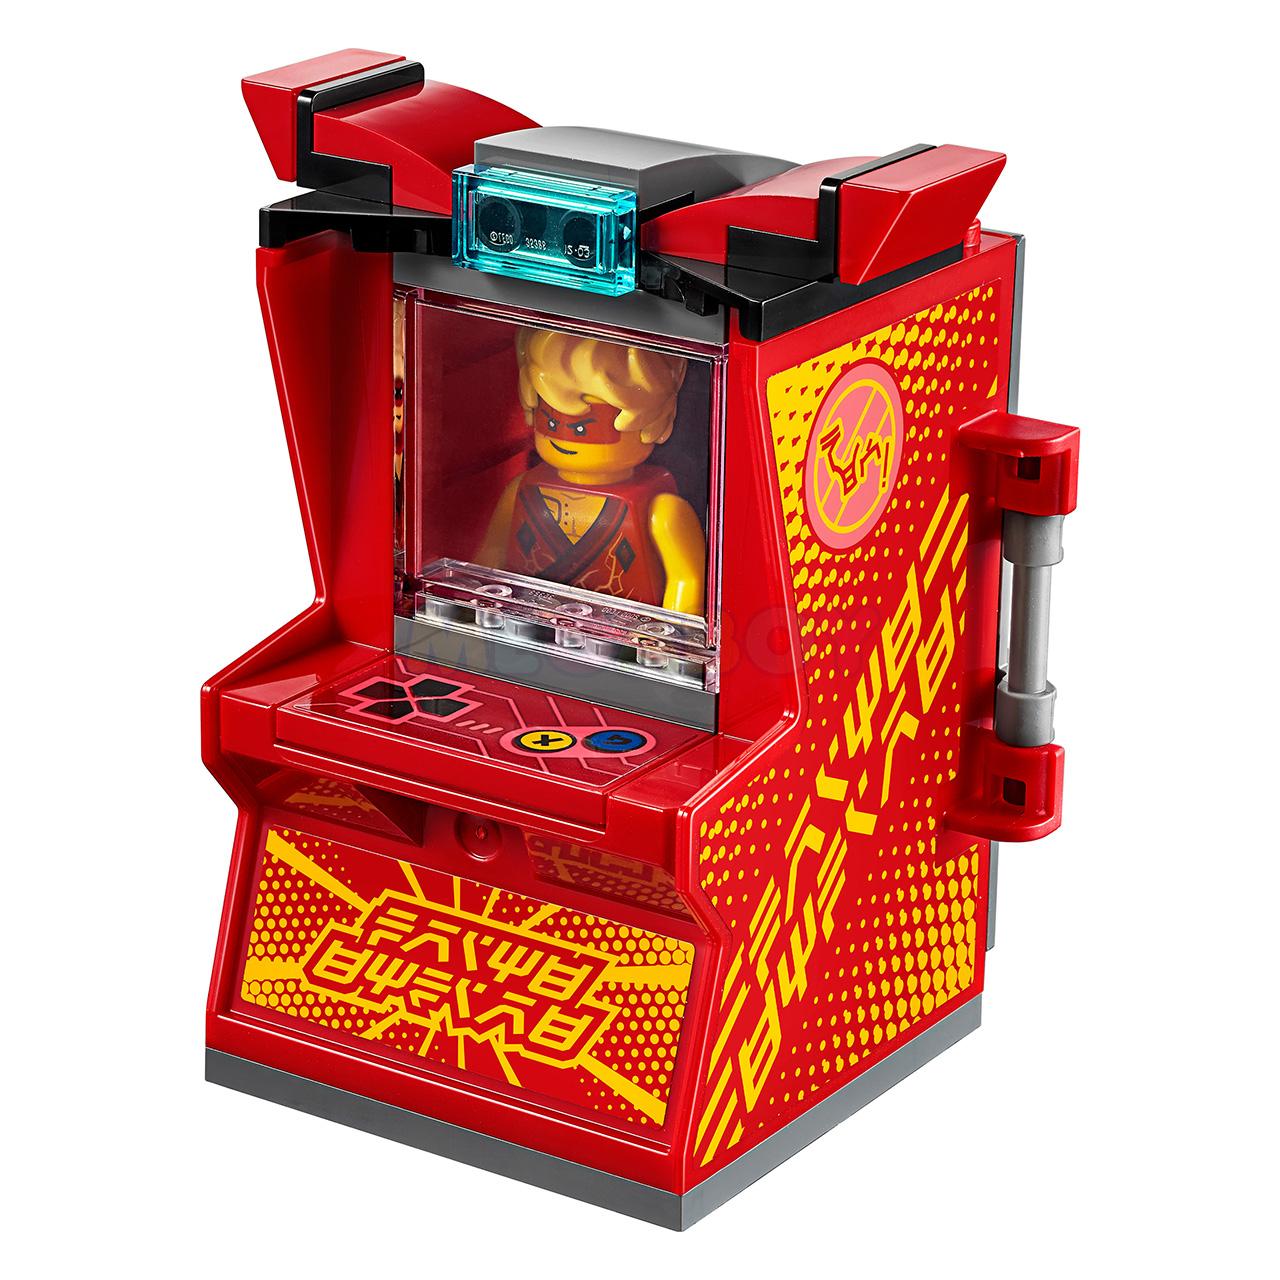 Игровые автоматы в магазинах 2020 resident online casino